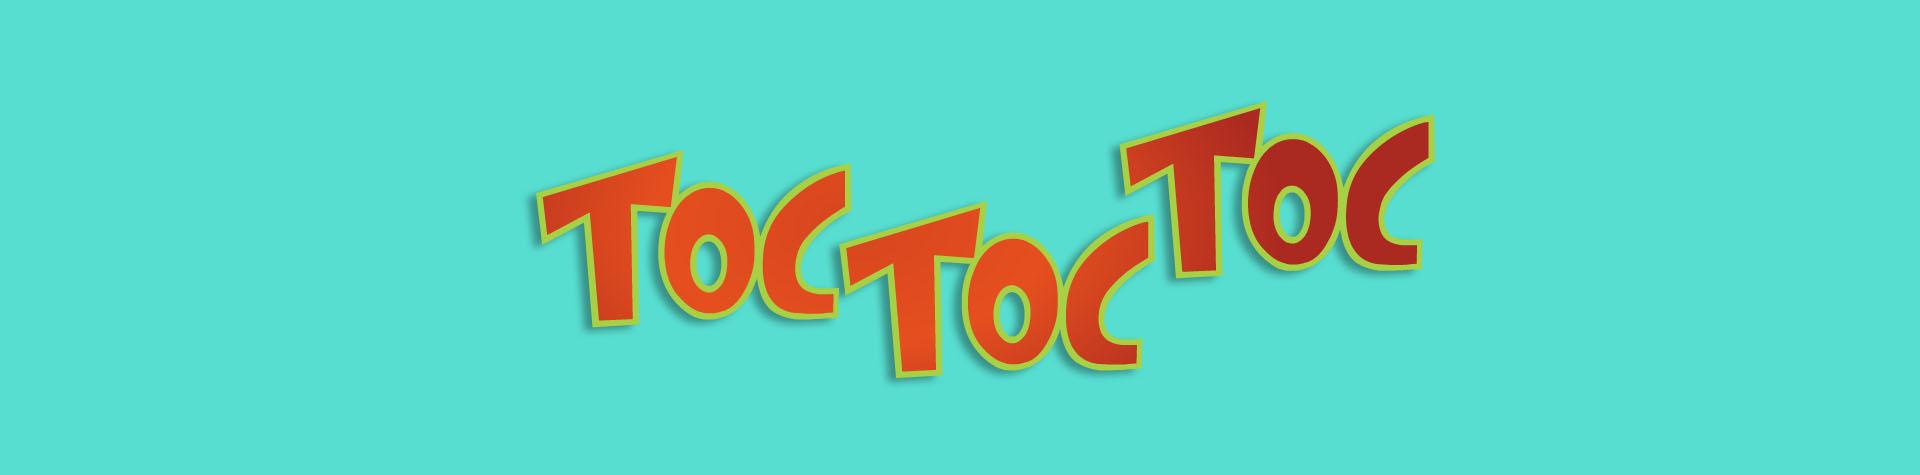 Logo Toc toc toc